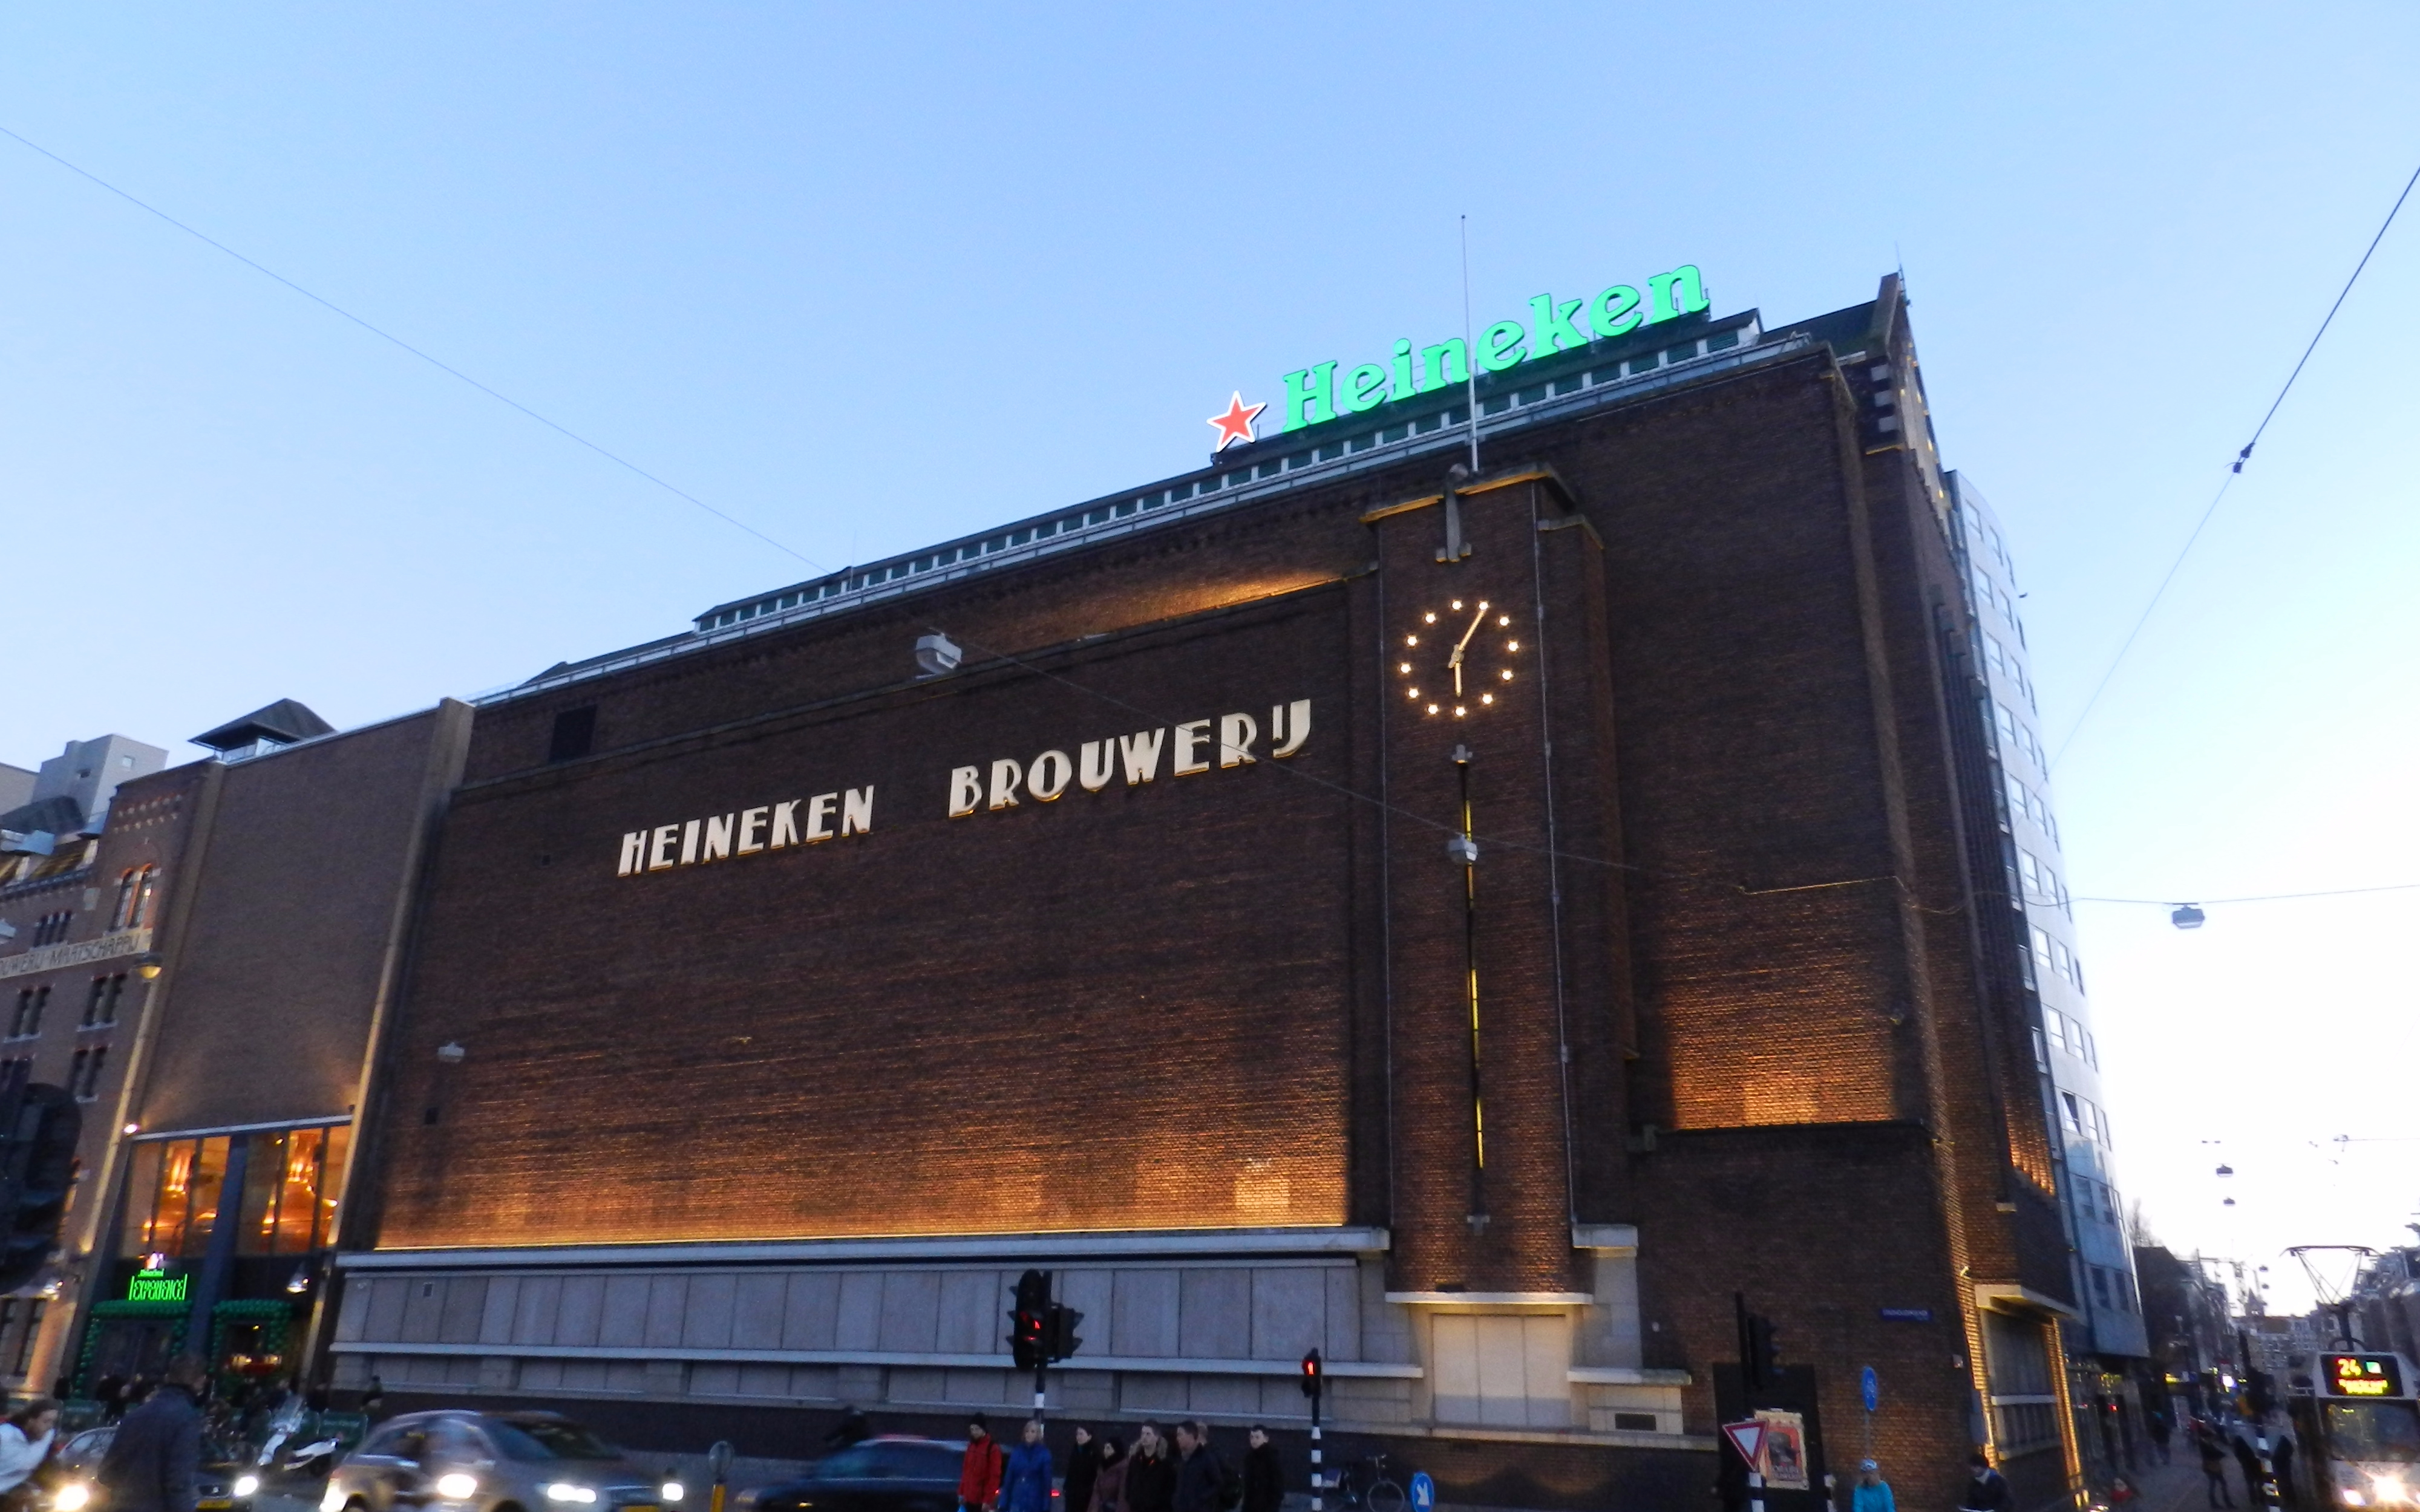 Heineken Amsterdam Tour